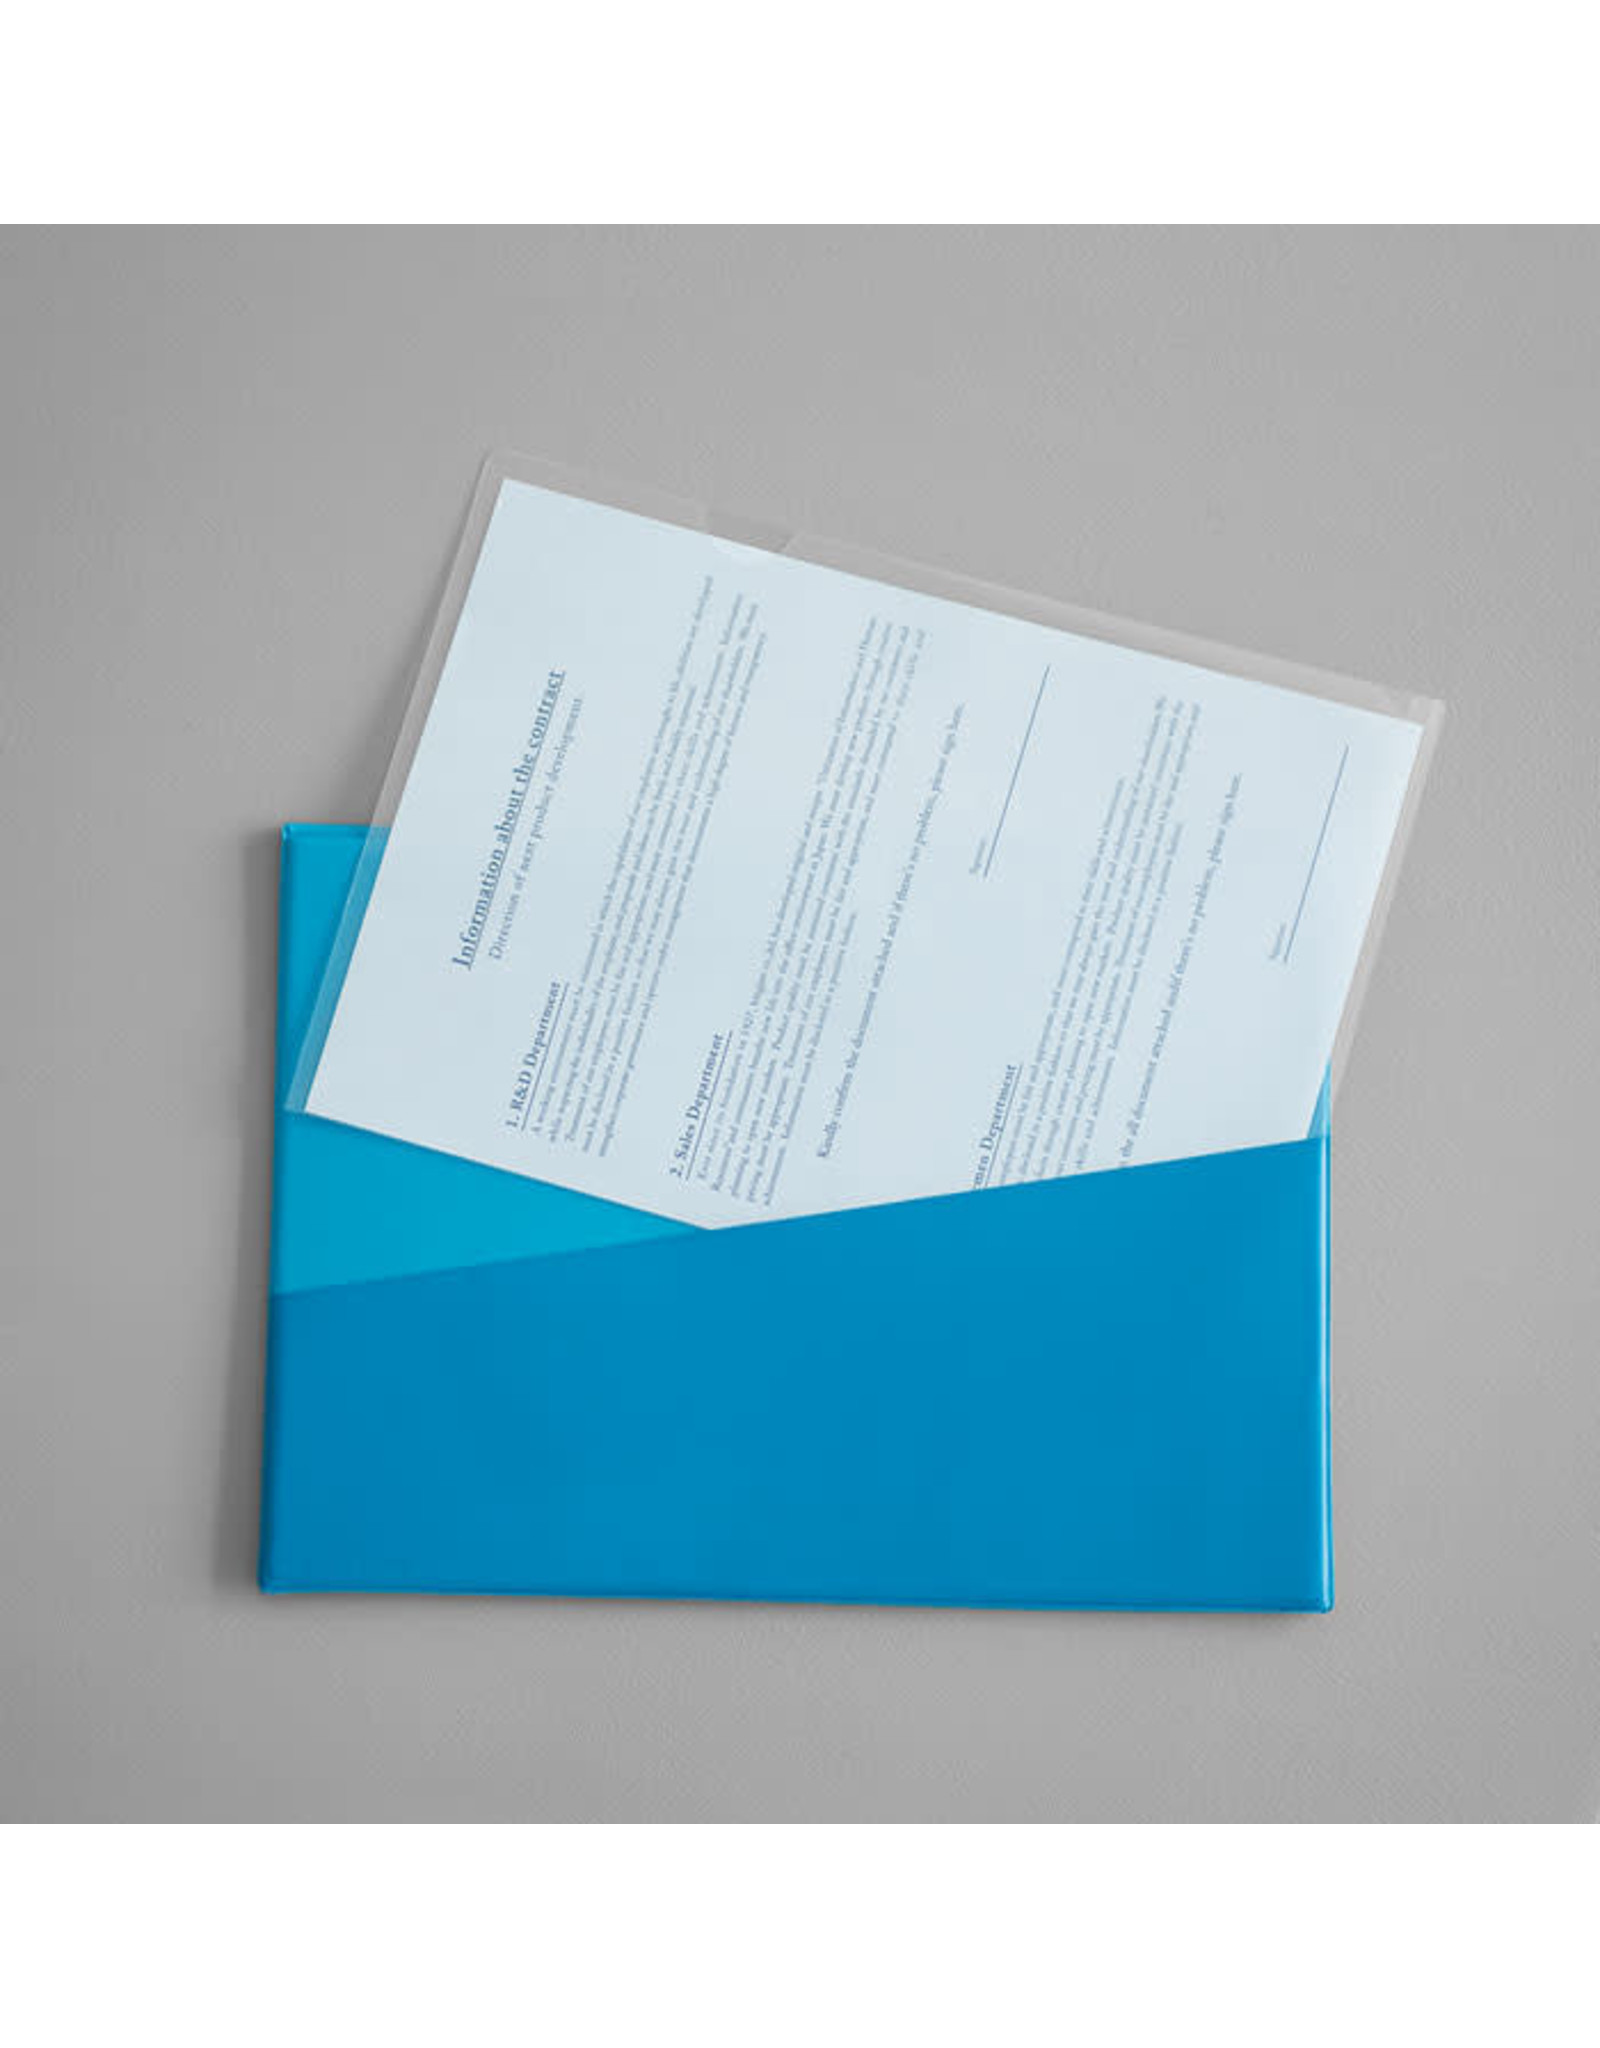 KING JIM CO., LTD. FLATTY CARD LIGHT BLUE